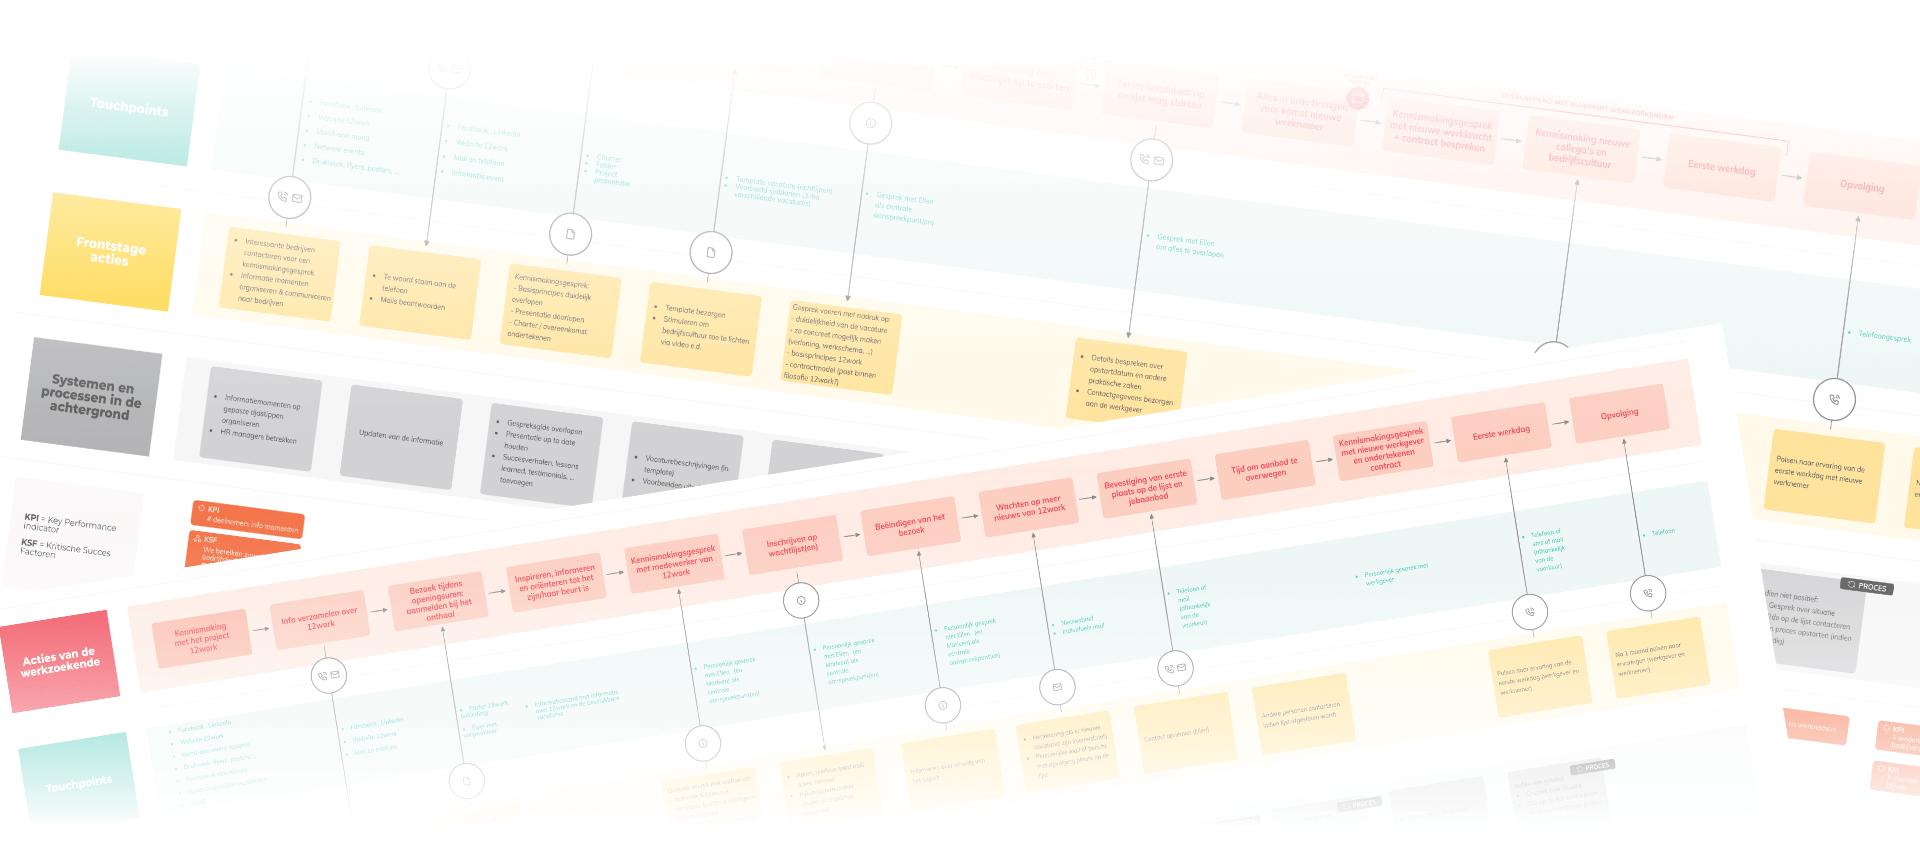 MEC_04 Blueprints